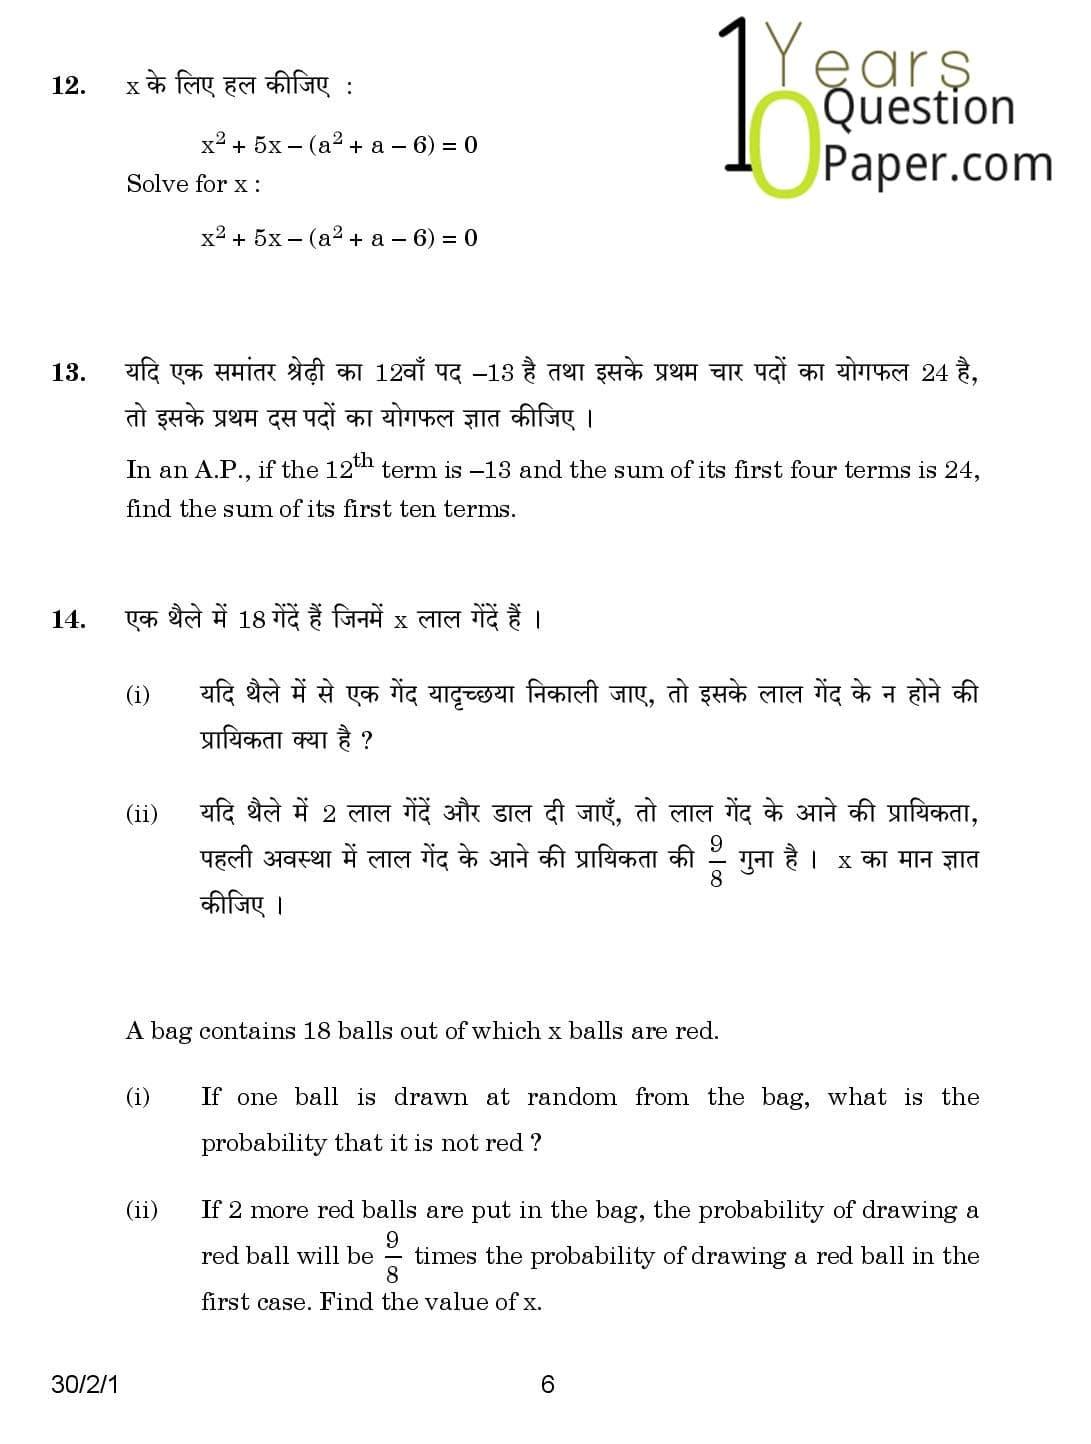 CBSE 2015 Mathematics Question Paper for Class 10